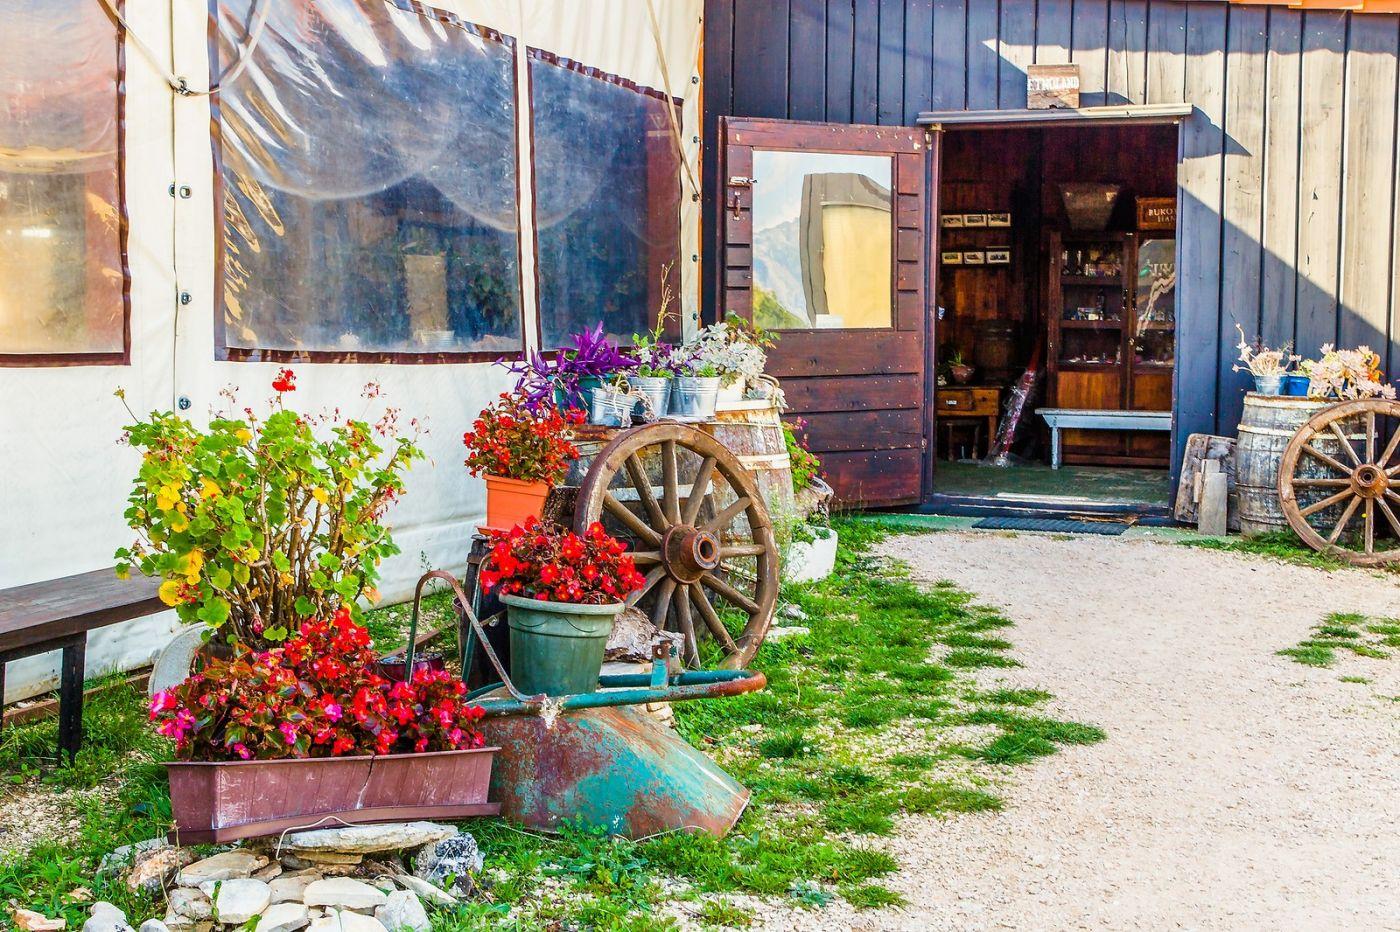 克罗地亚达尔马提亚村,独特的地域风貌_图1-10